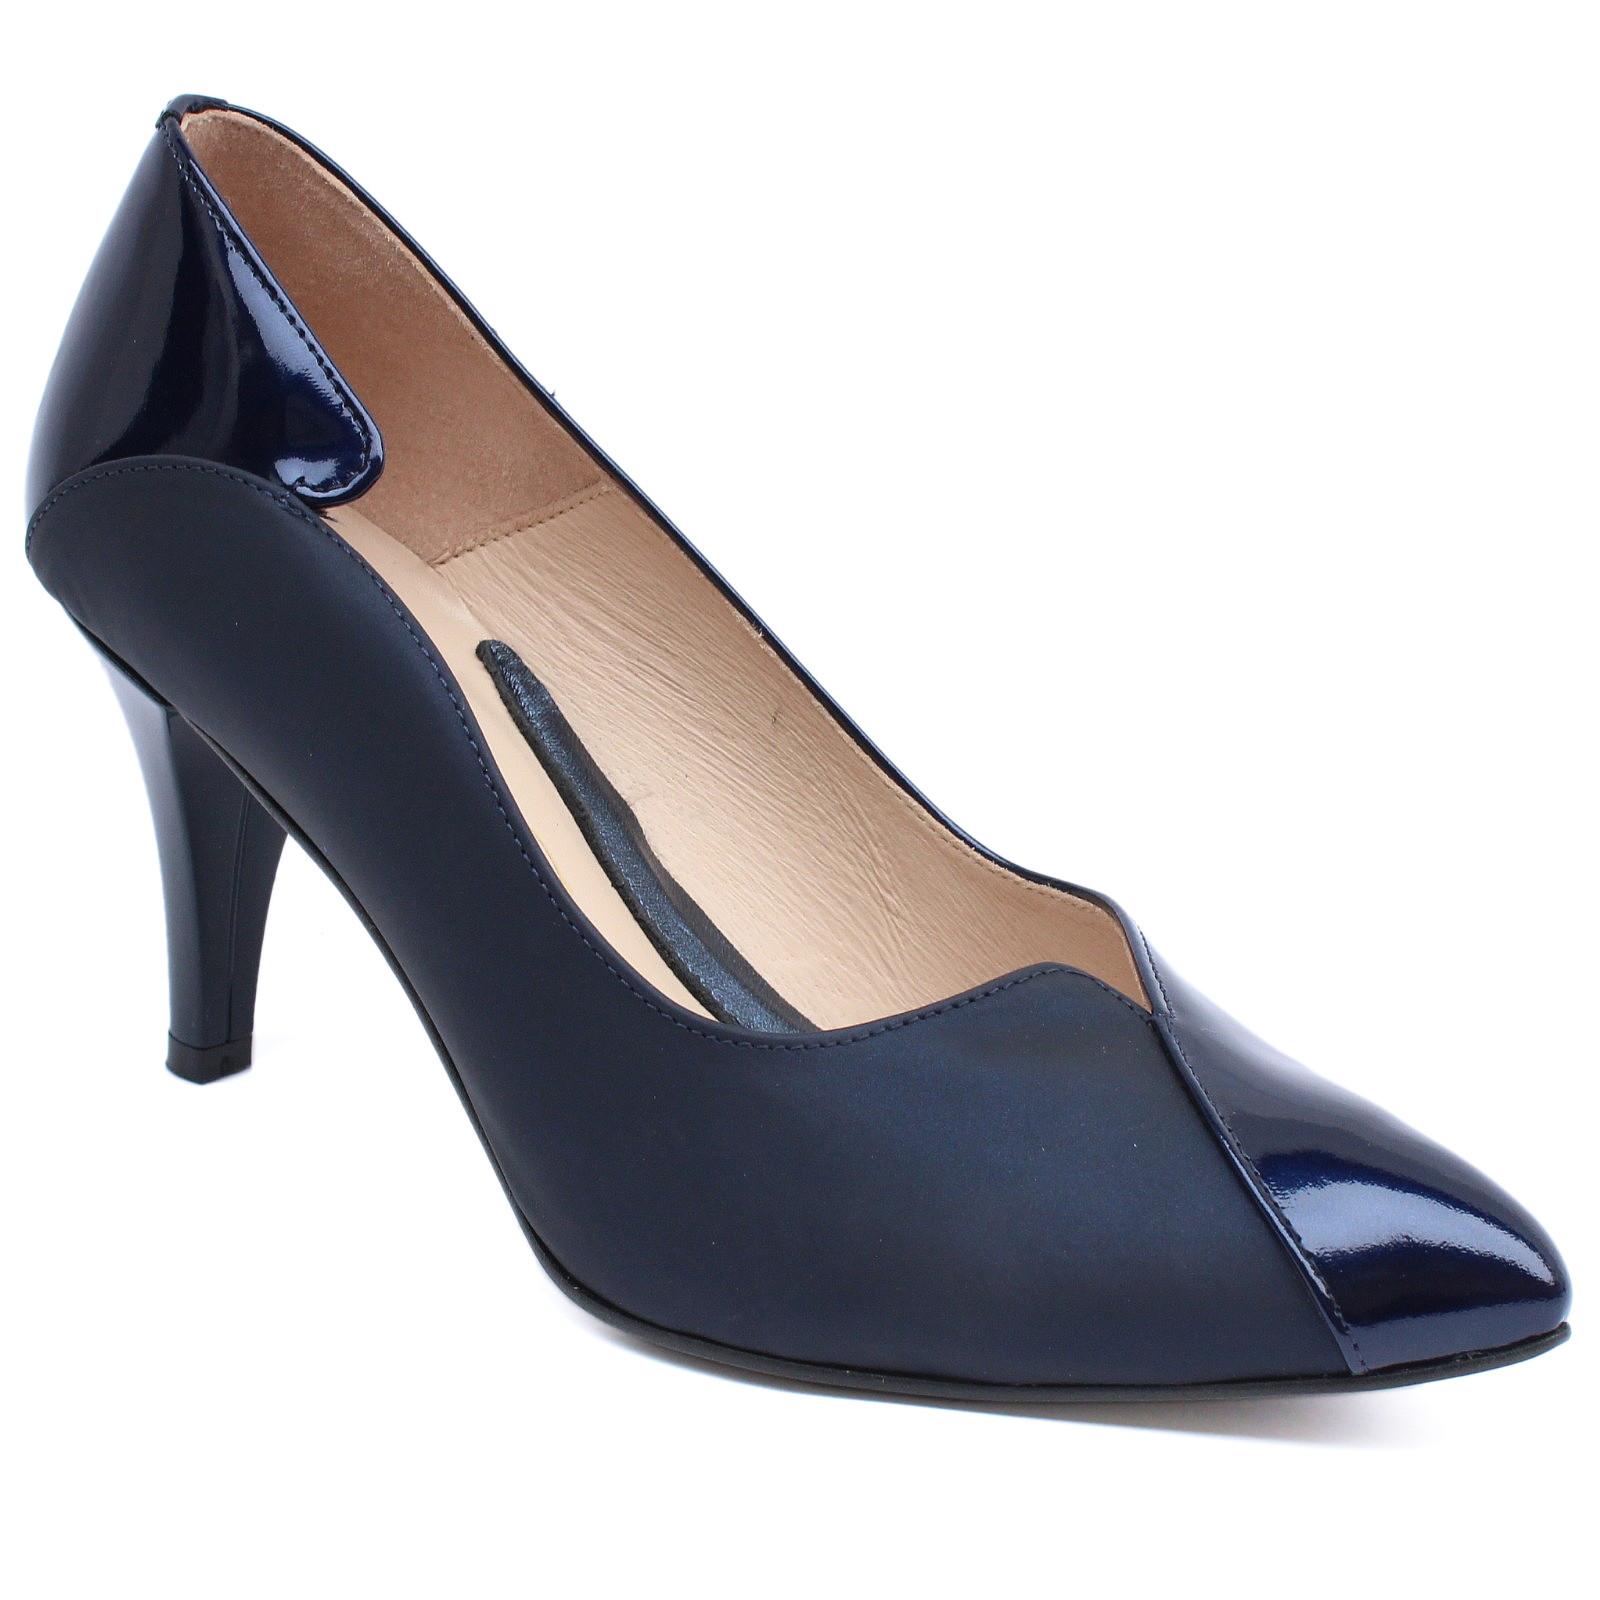 EMIS Fekete tűsarkú lakk bőr cipő